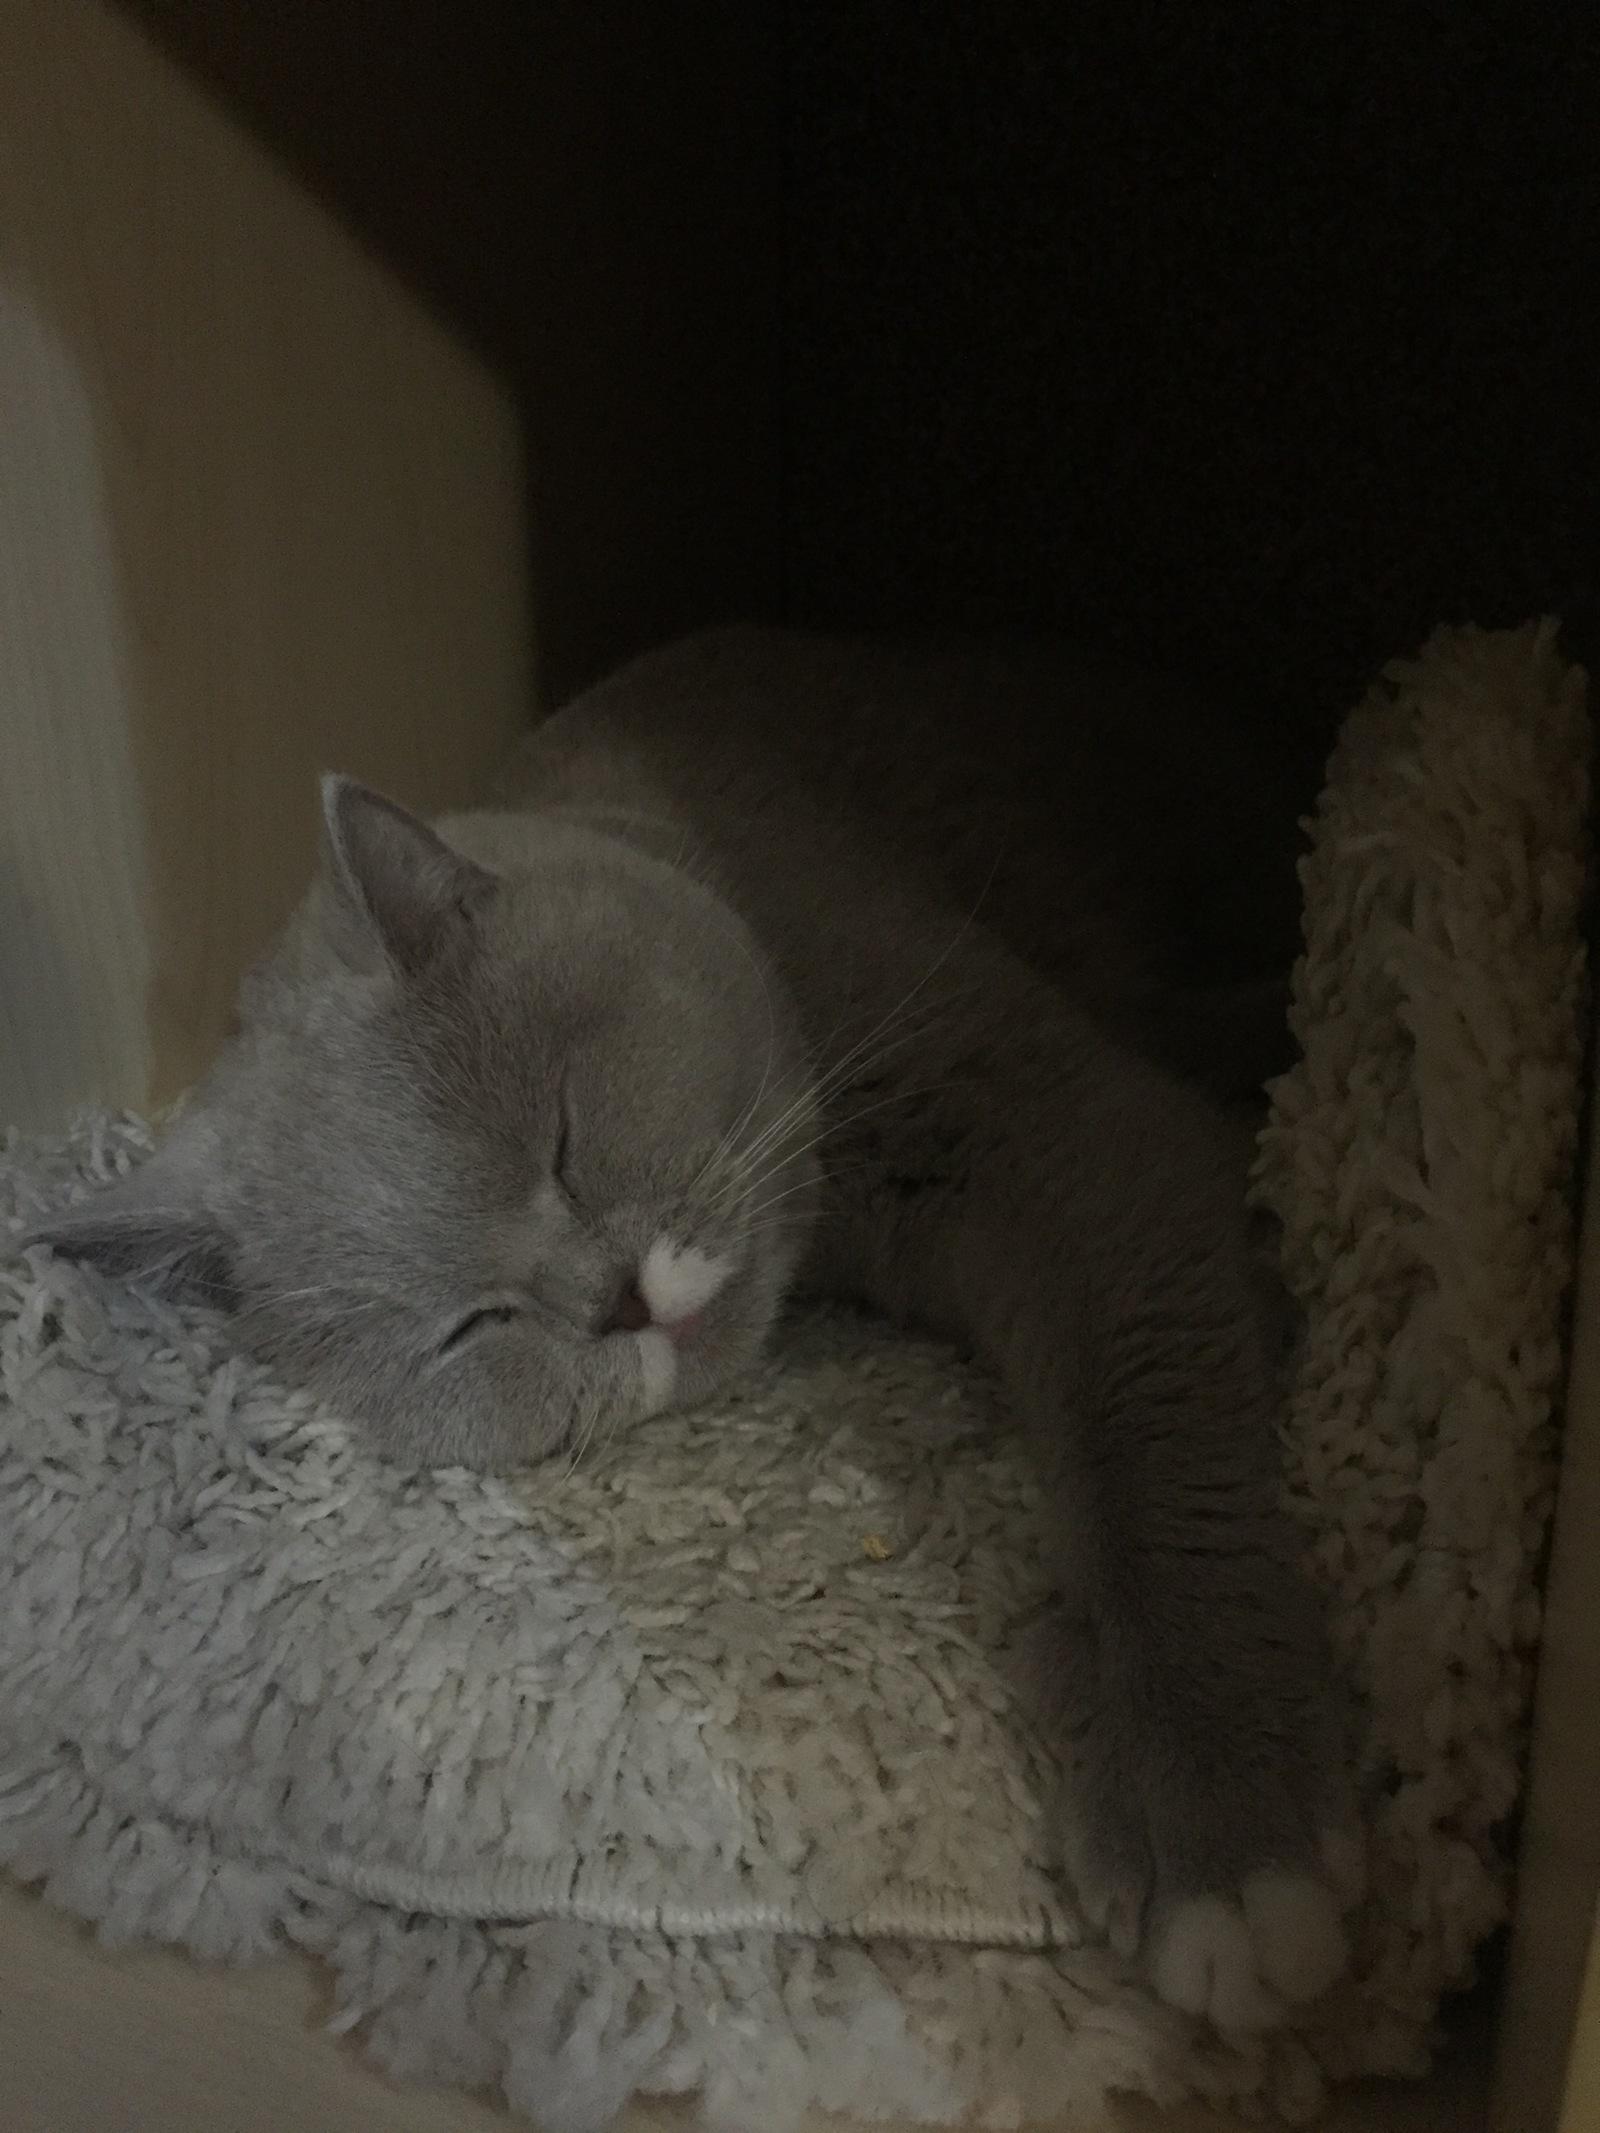 Фитнесс-браслет и кот. Как узнать сколько же спит эта пушистая сволочь?